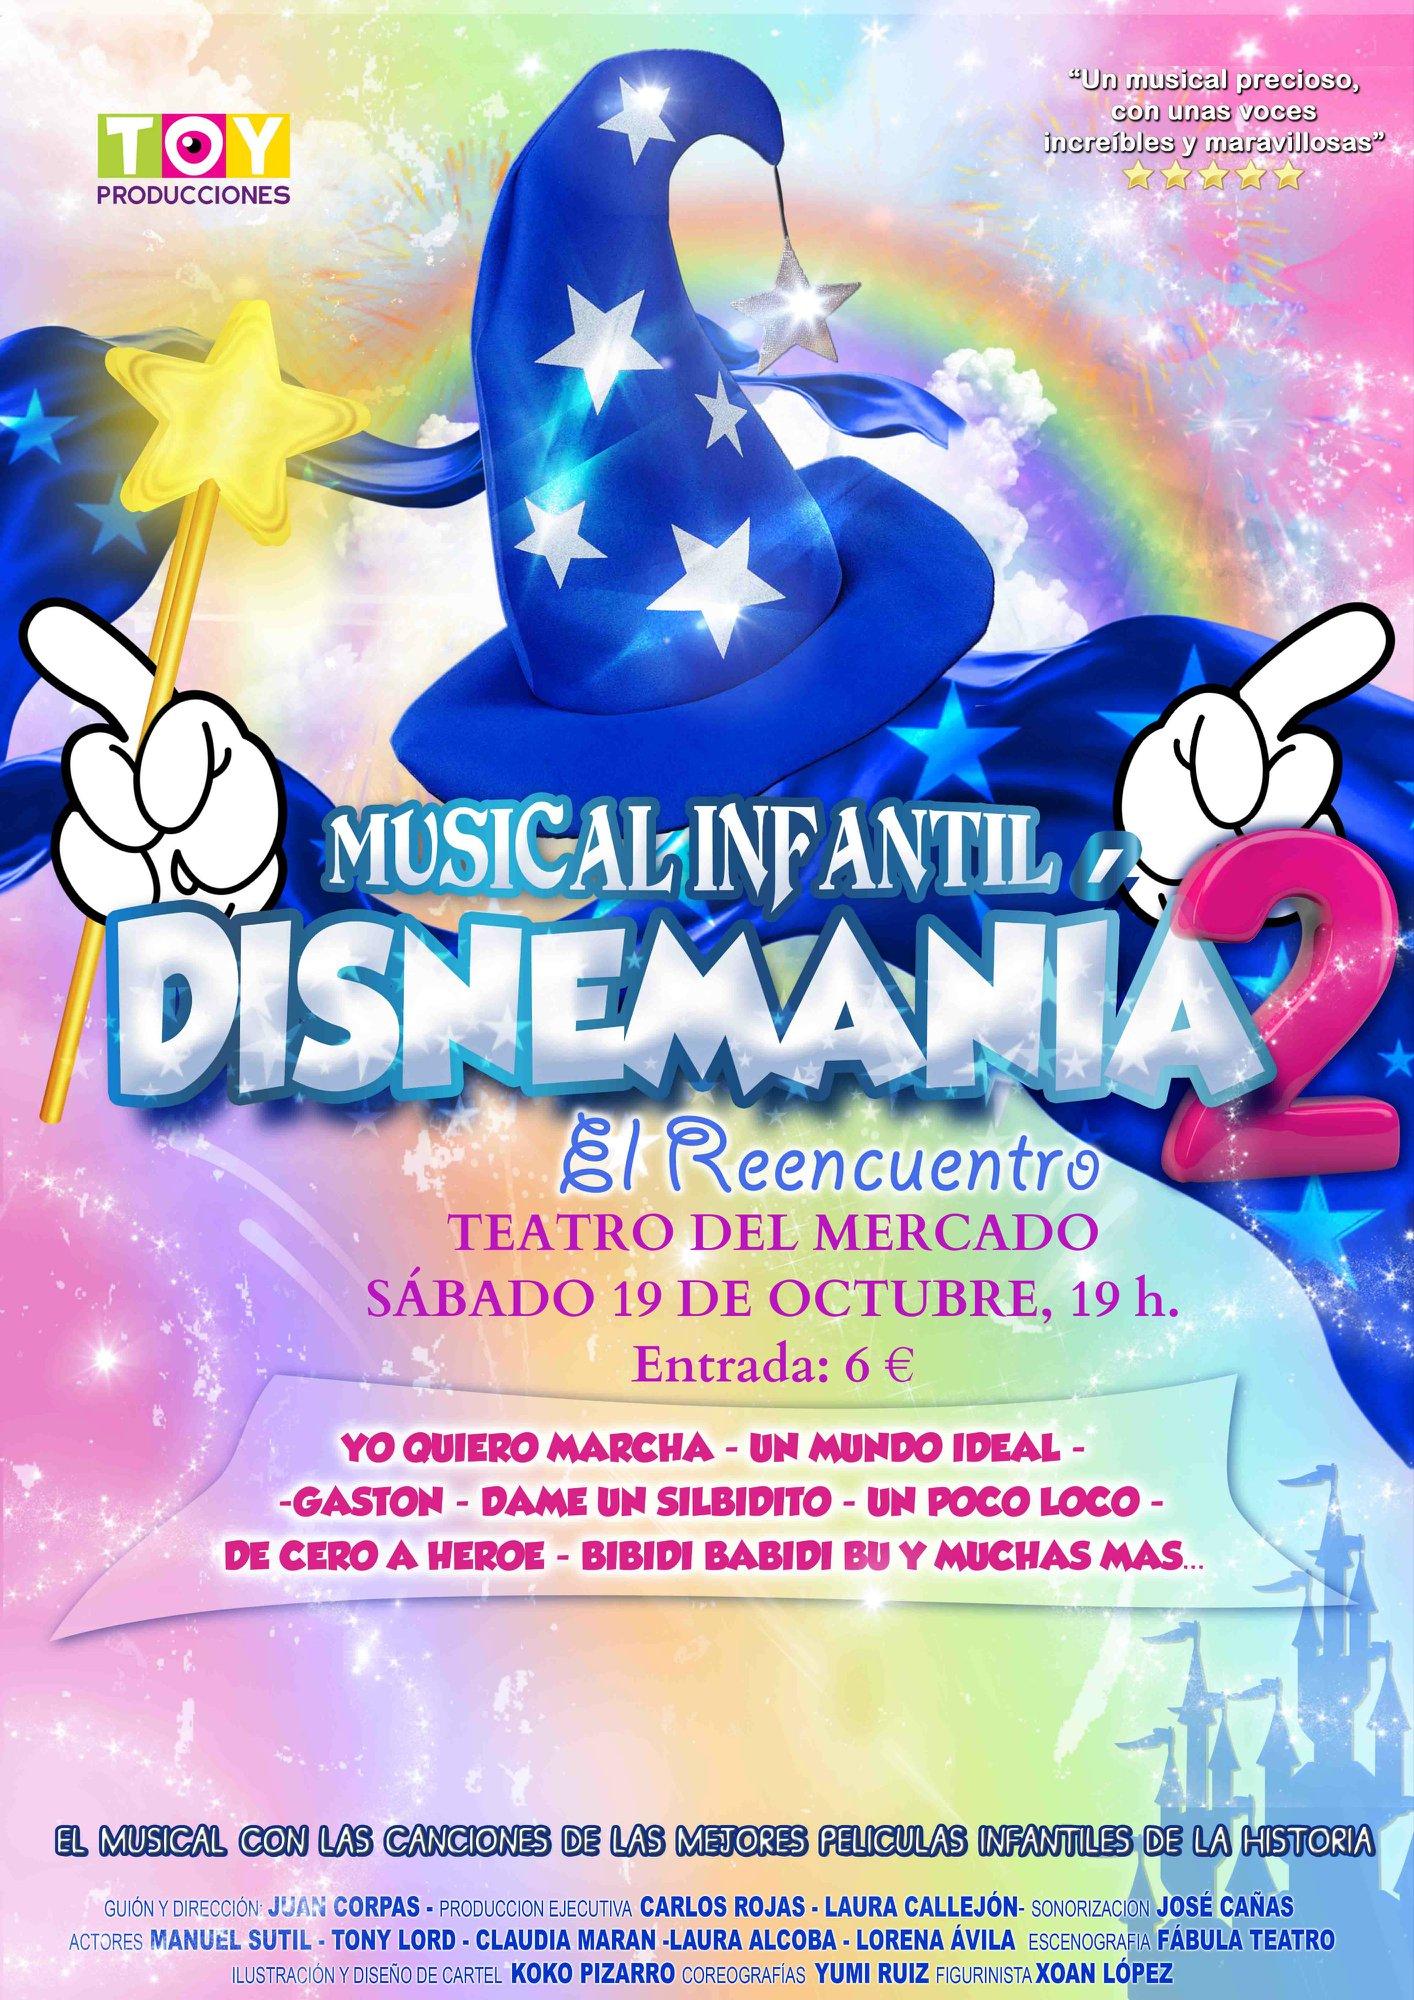 Se amplían las funciones de Disneymania 2, el reencuentro.